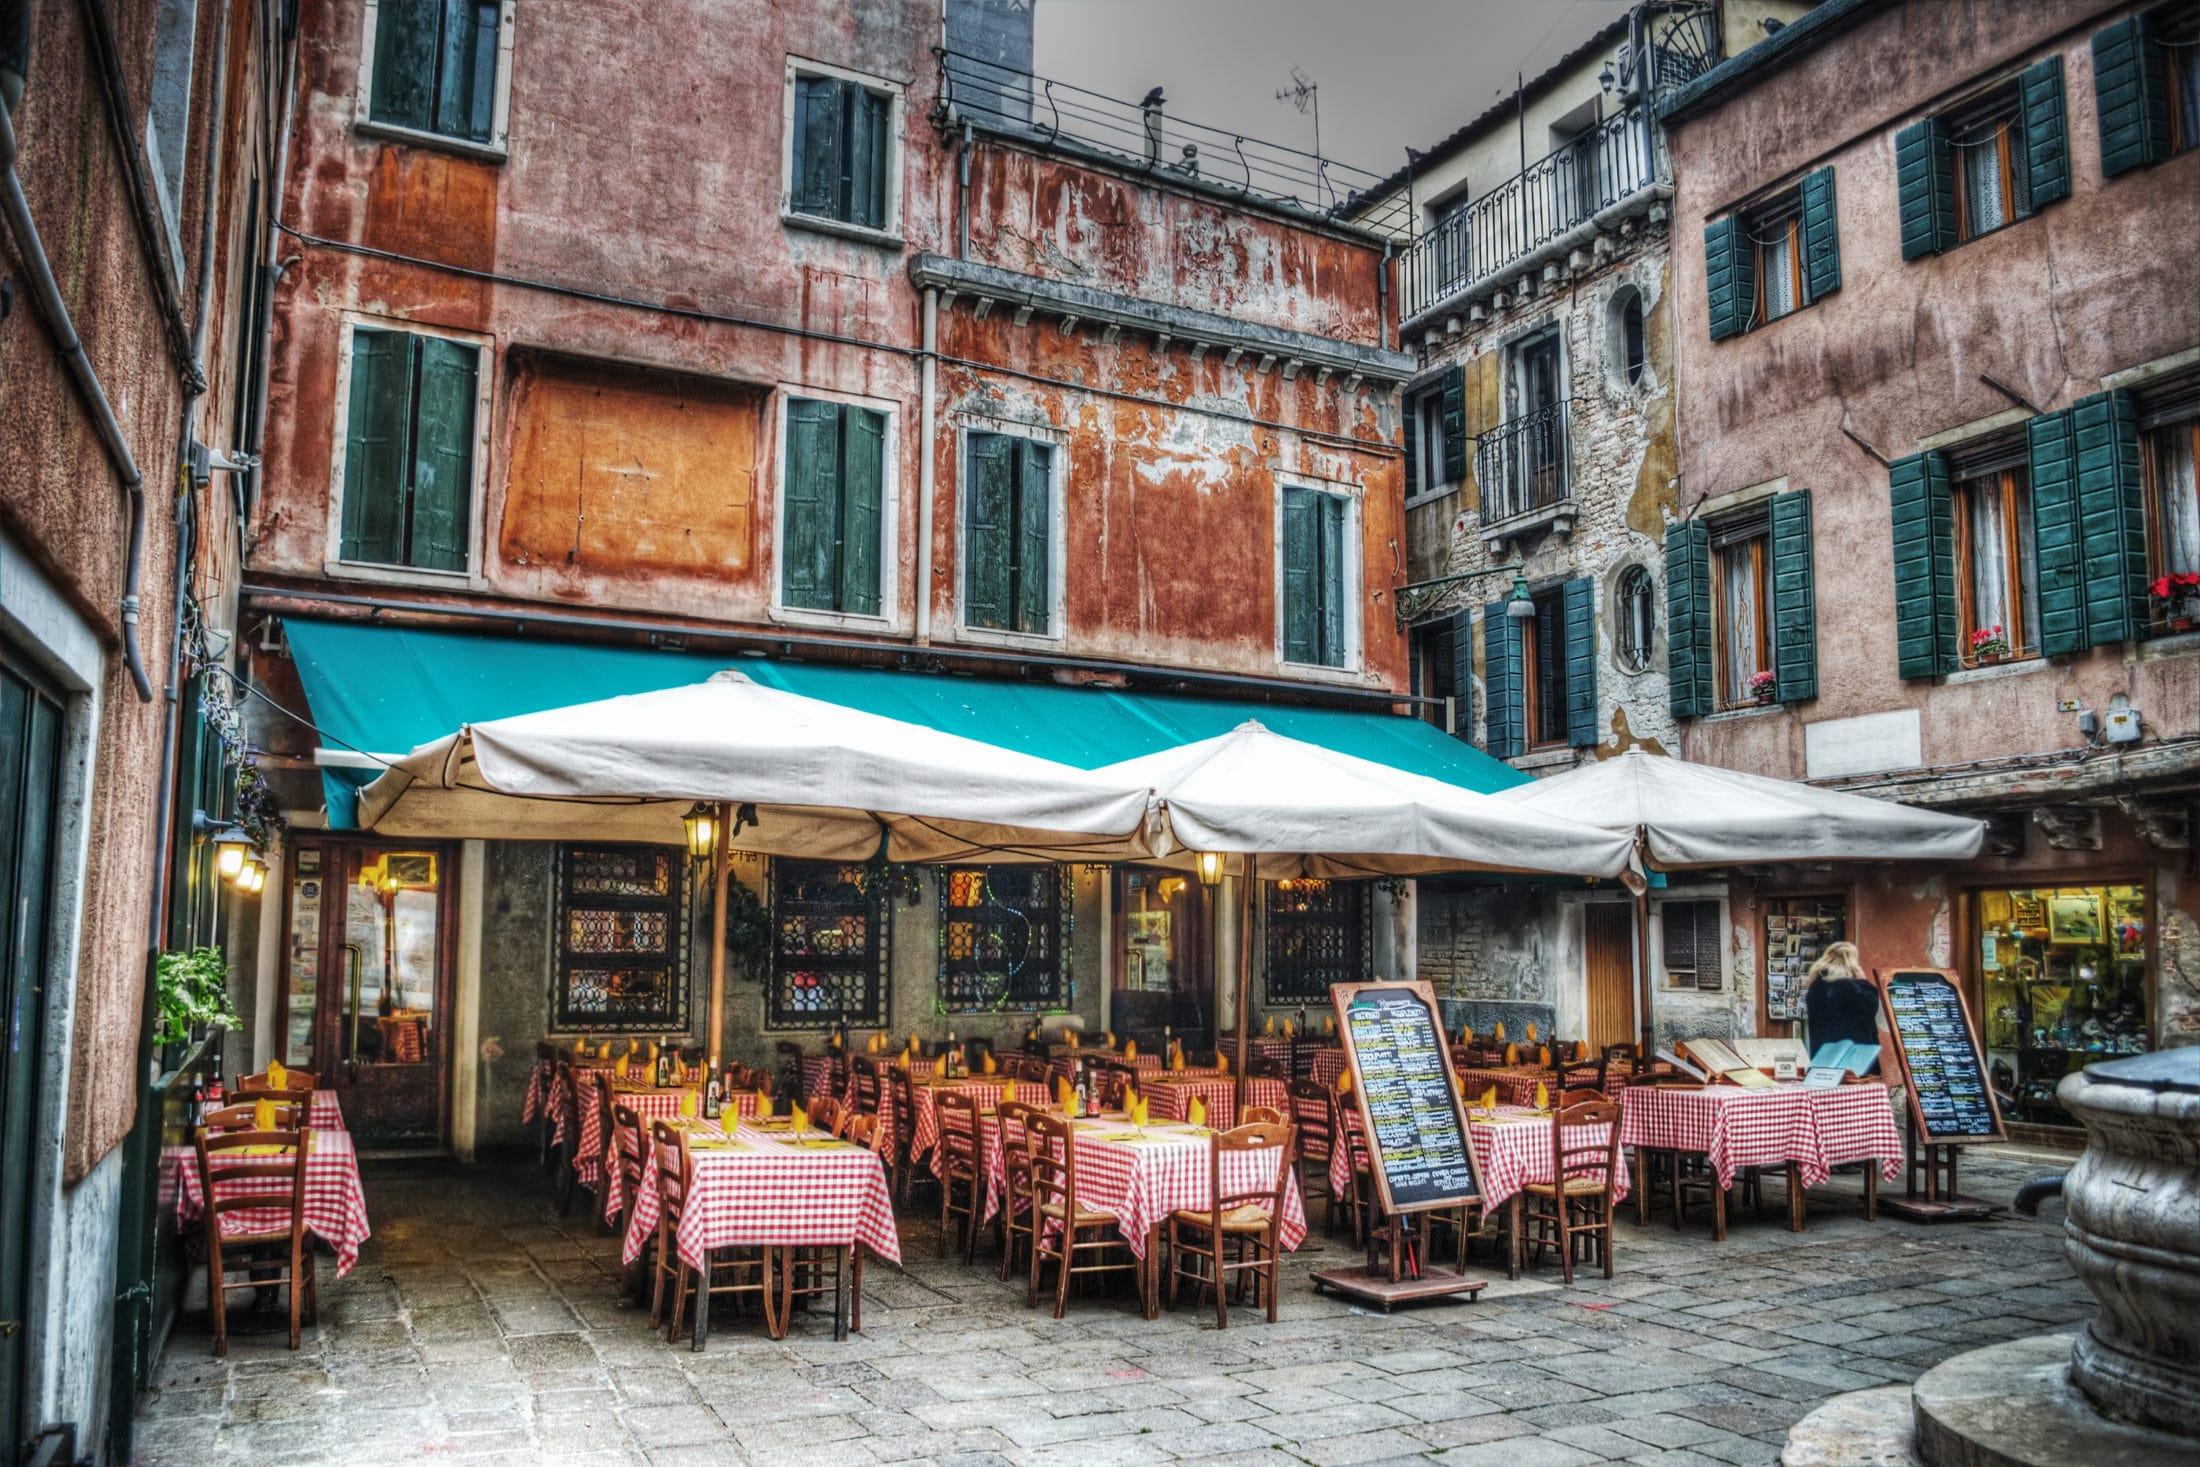 Mi vár most az olasz vendéglátásra? - Dining Guide